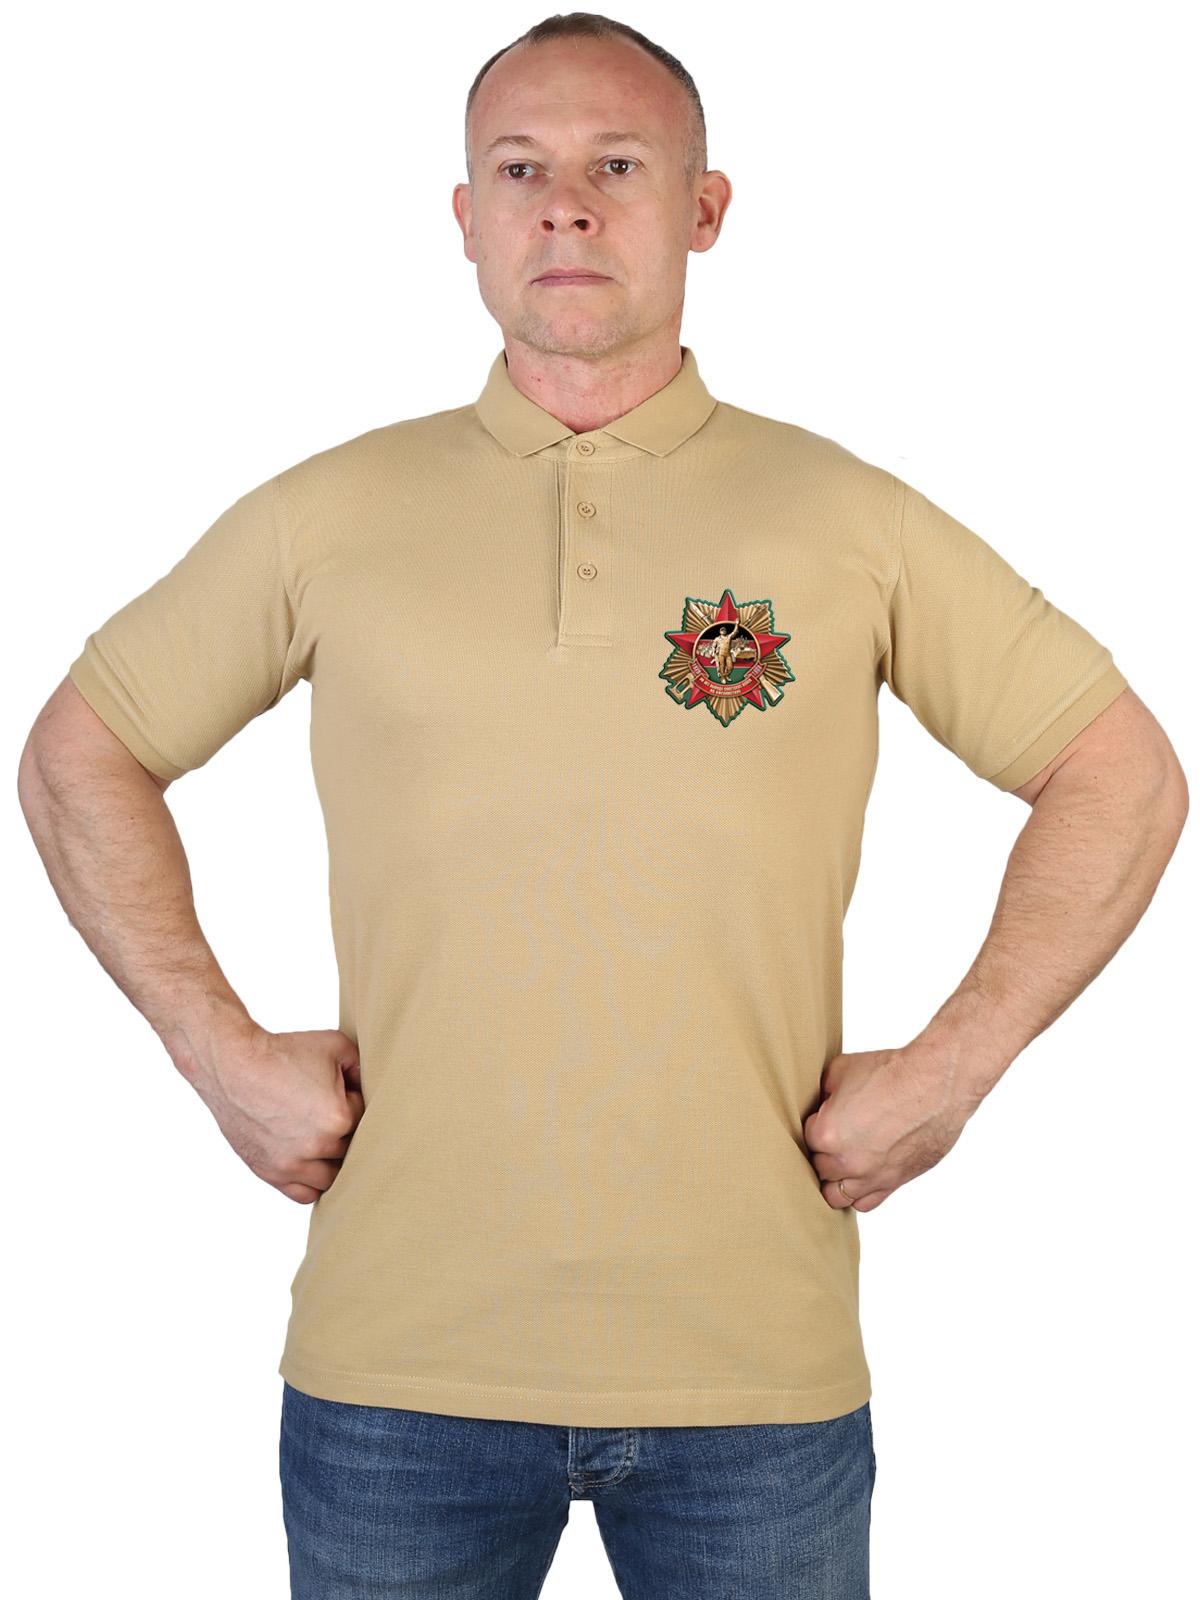 Купить оригинальную хлопковую футболку-поло с термотрансфером Афган в подарок